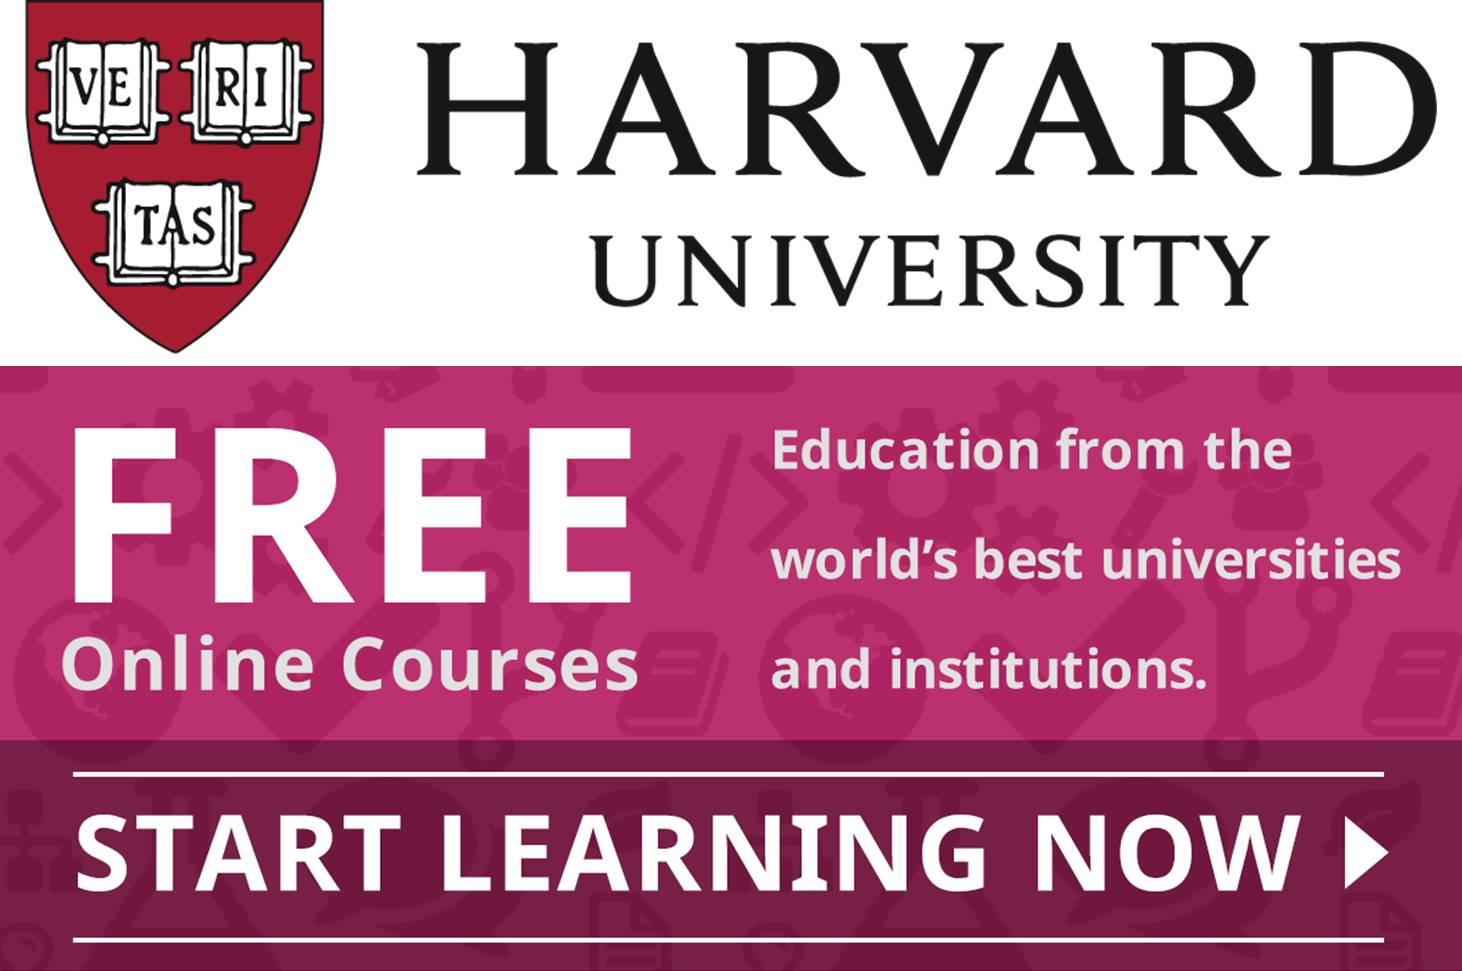 كورسات جامعة هارفارد المجانية عبر الإنترنت 2020 (ممولة بالكامل) (شهادات معتمدة)